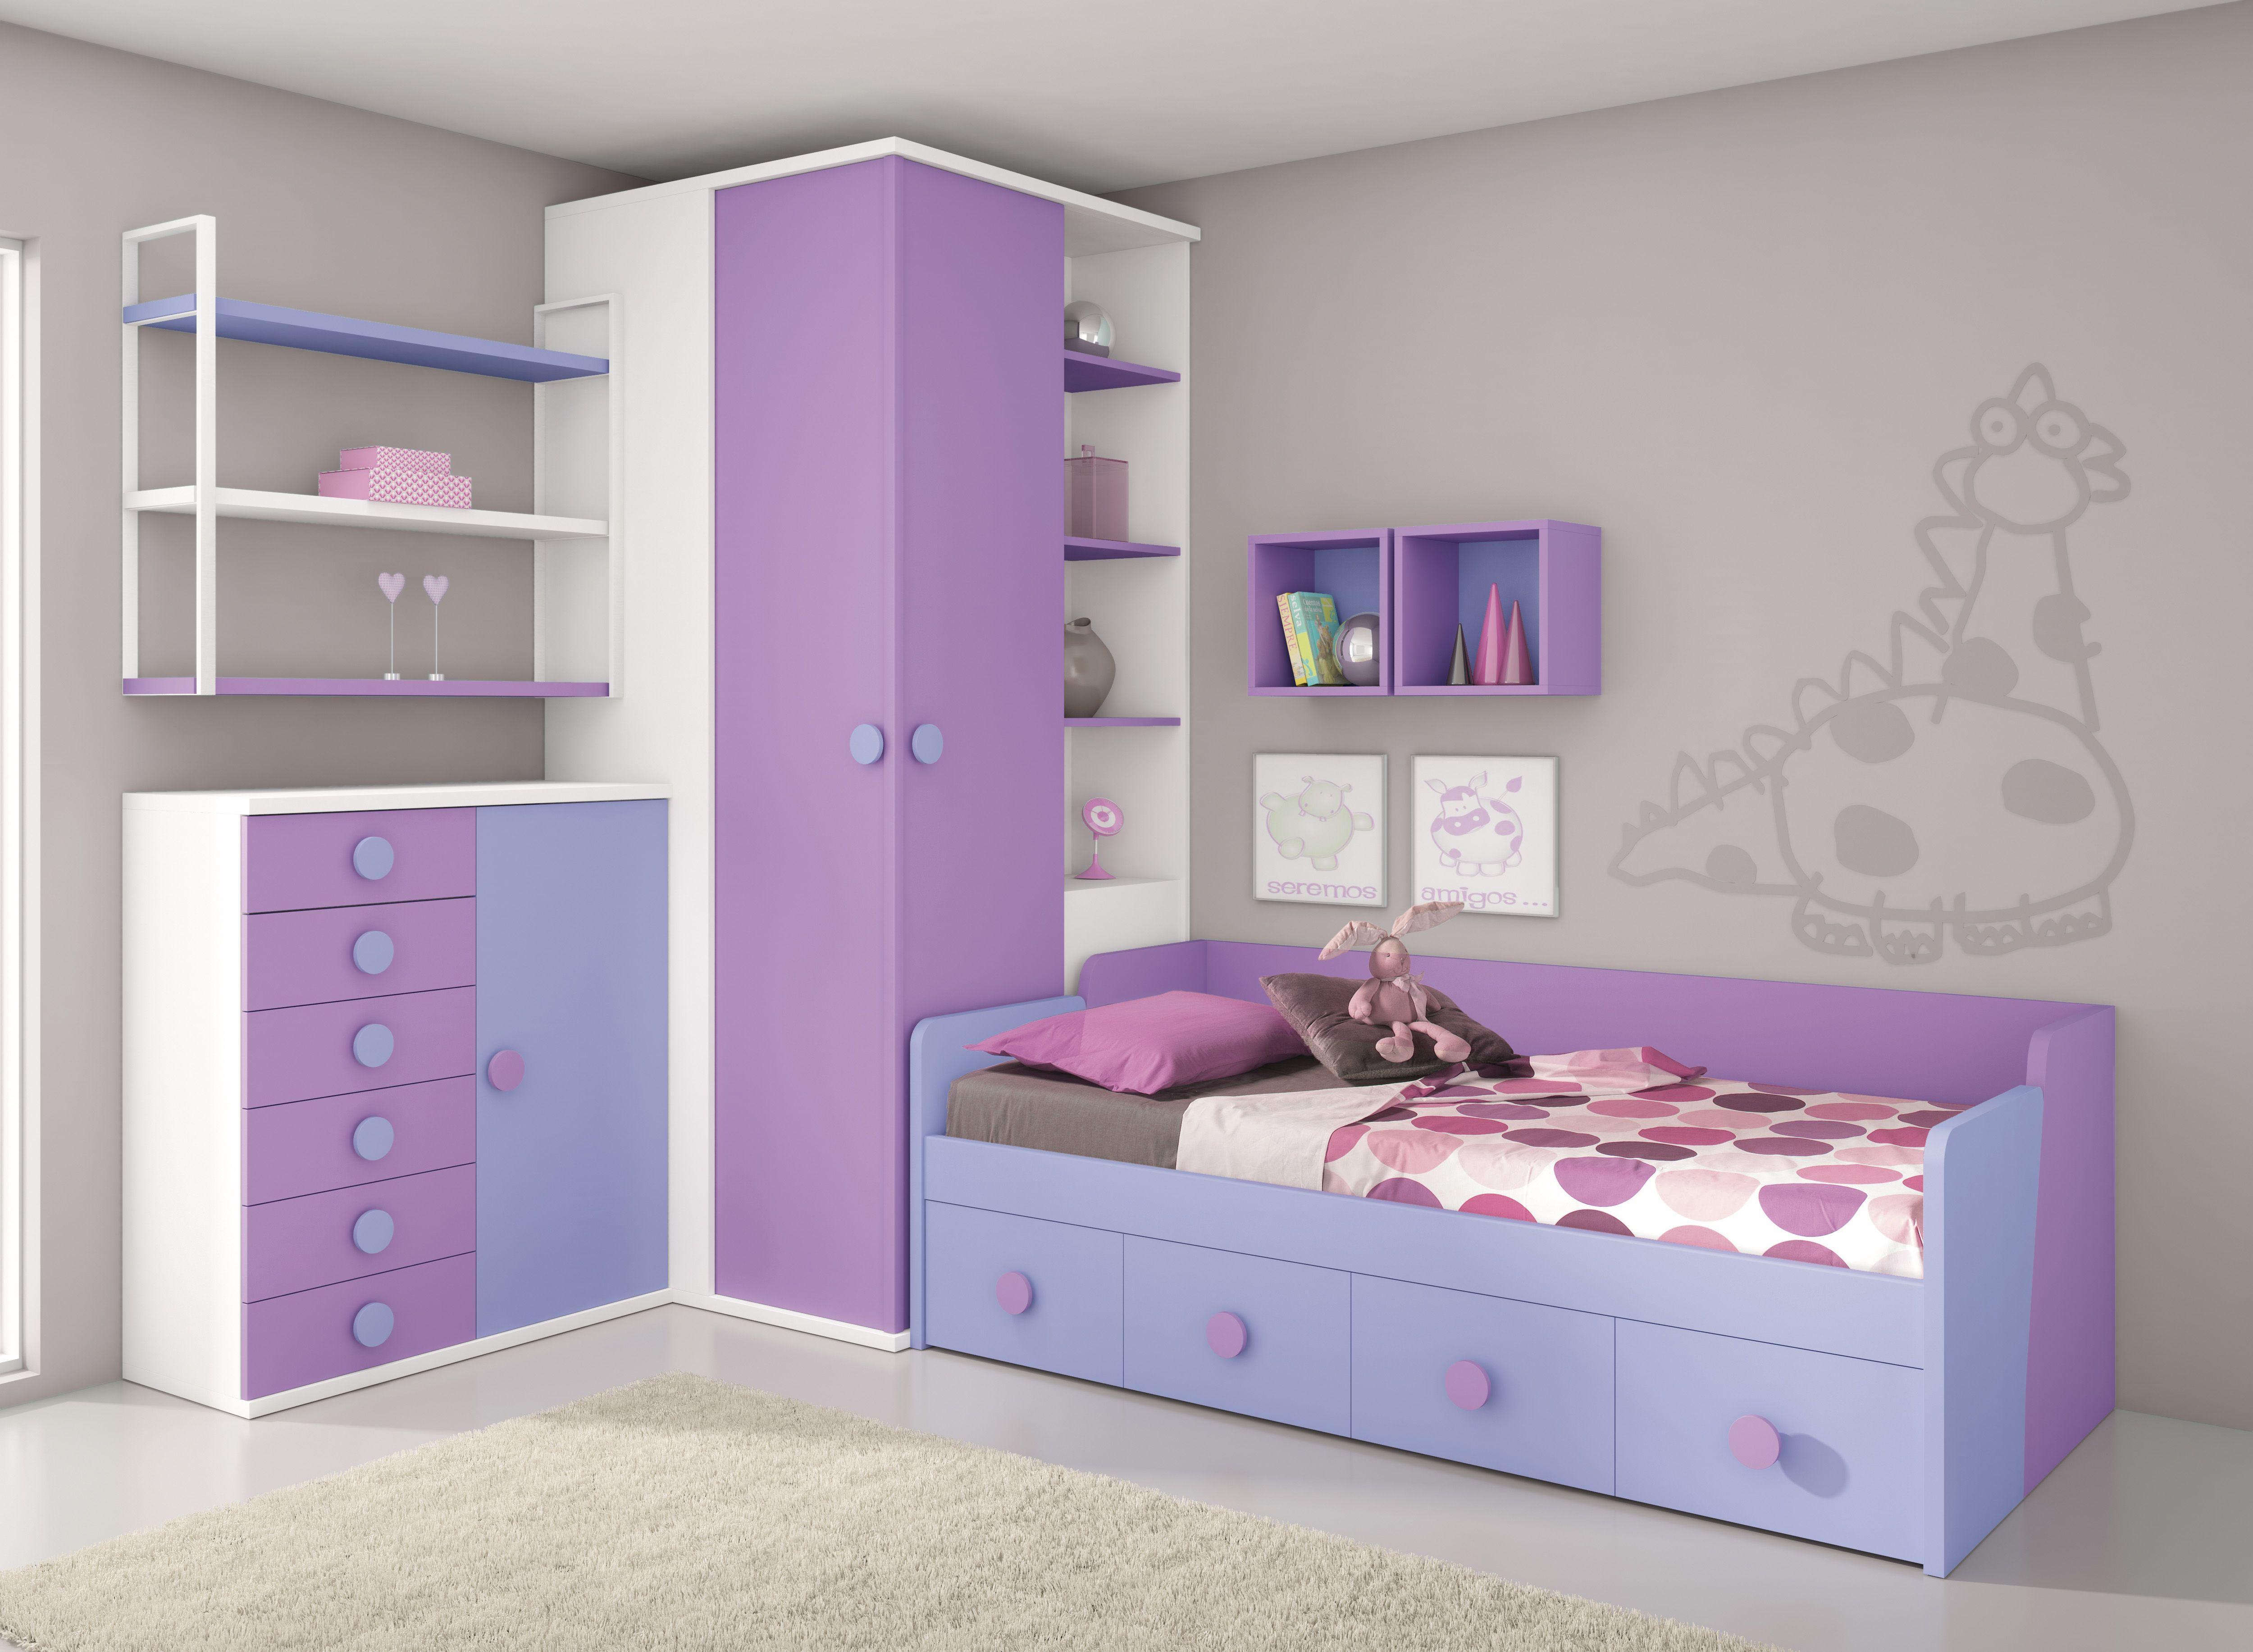 Dormitorio Combinado Blanco Morado Y Lila Diseño De Cama Para Niños Sala De Apartamento Pequeño Decoración De Habitación Tumblr